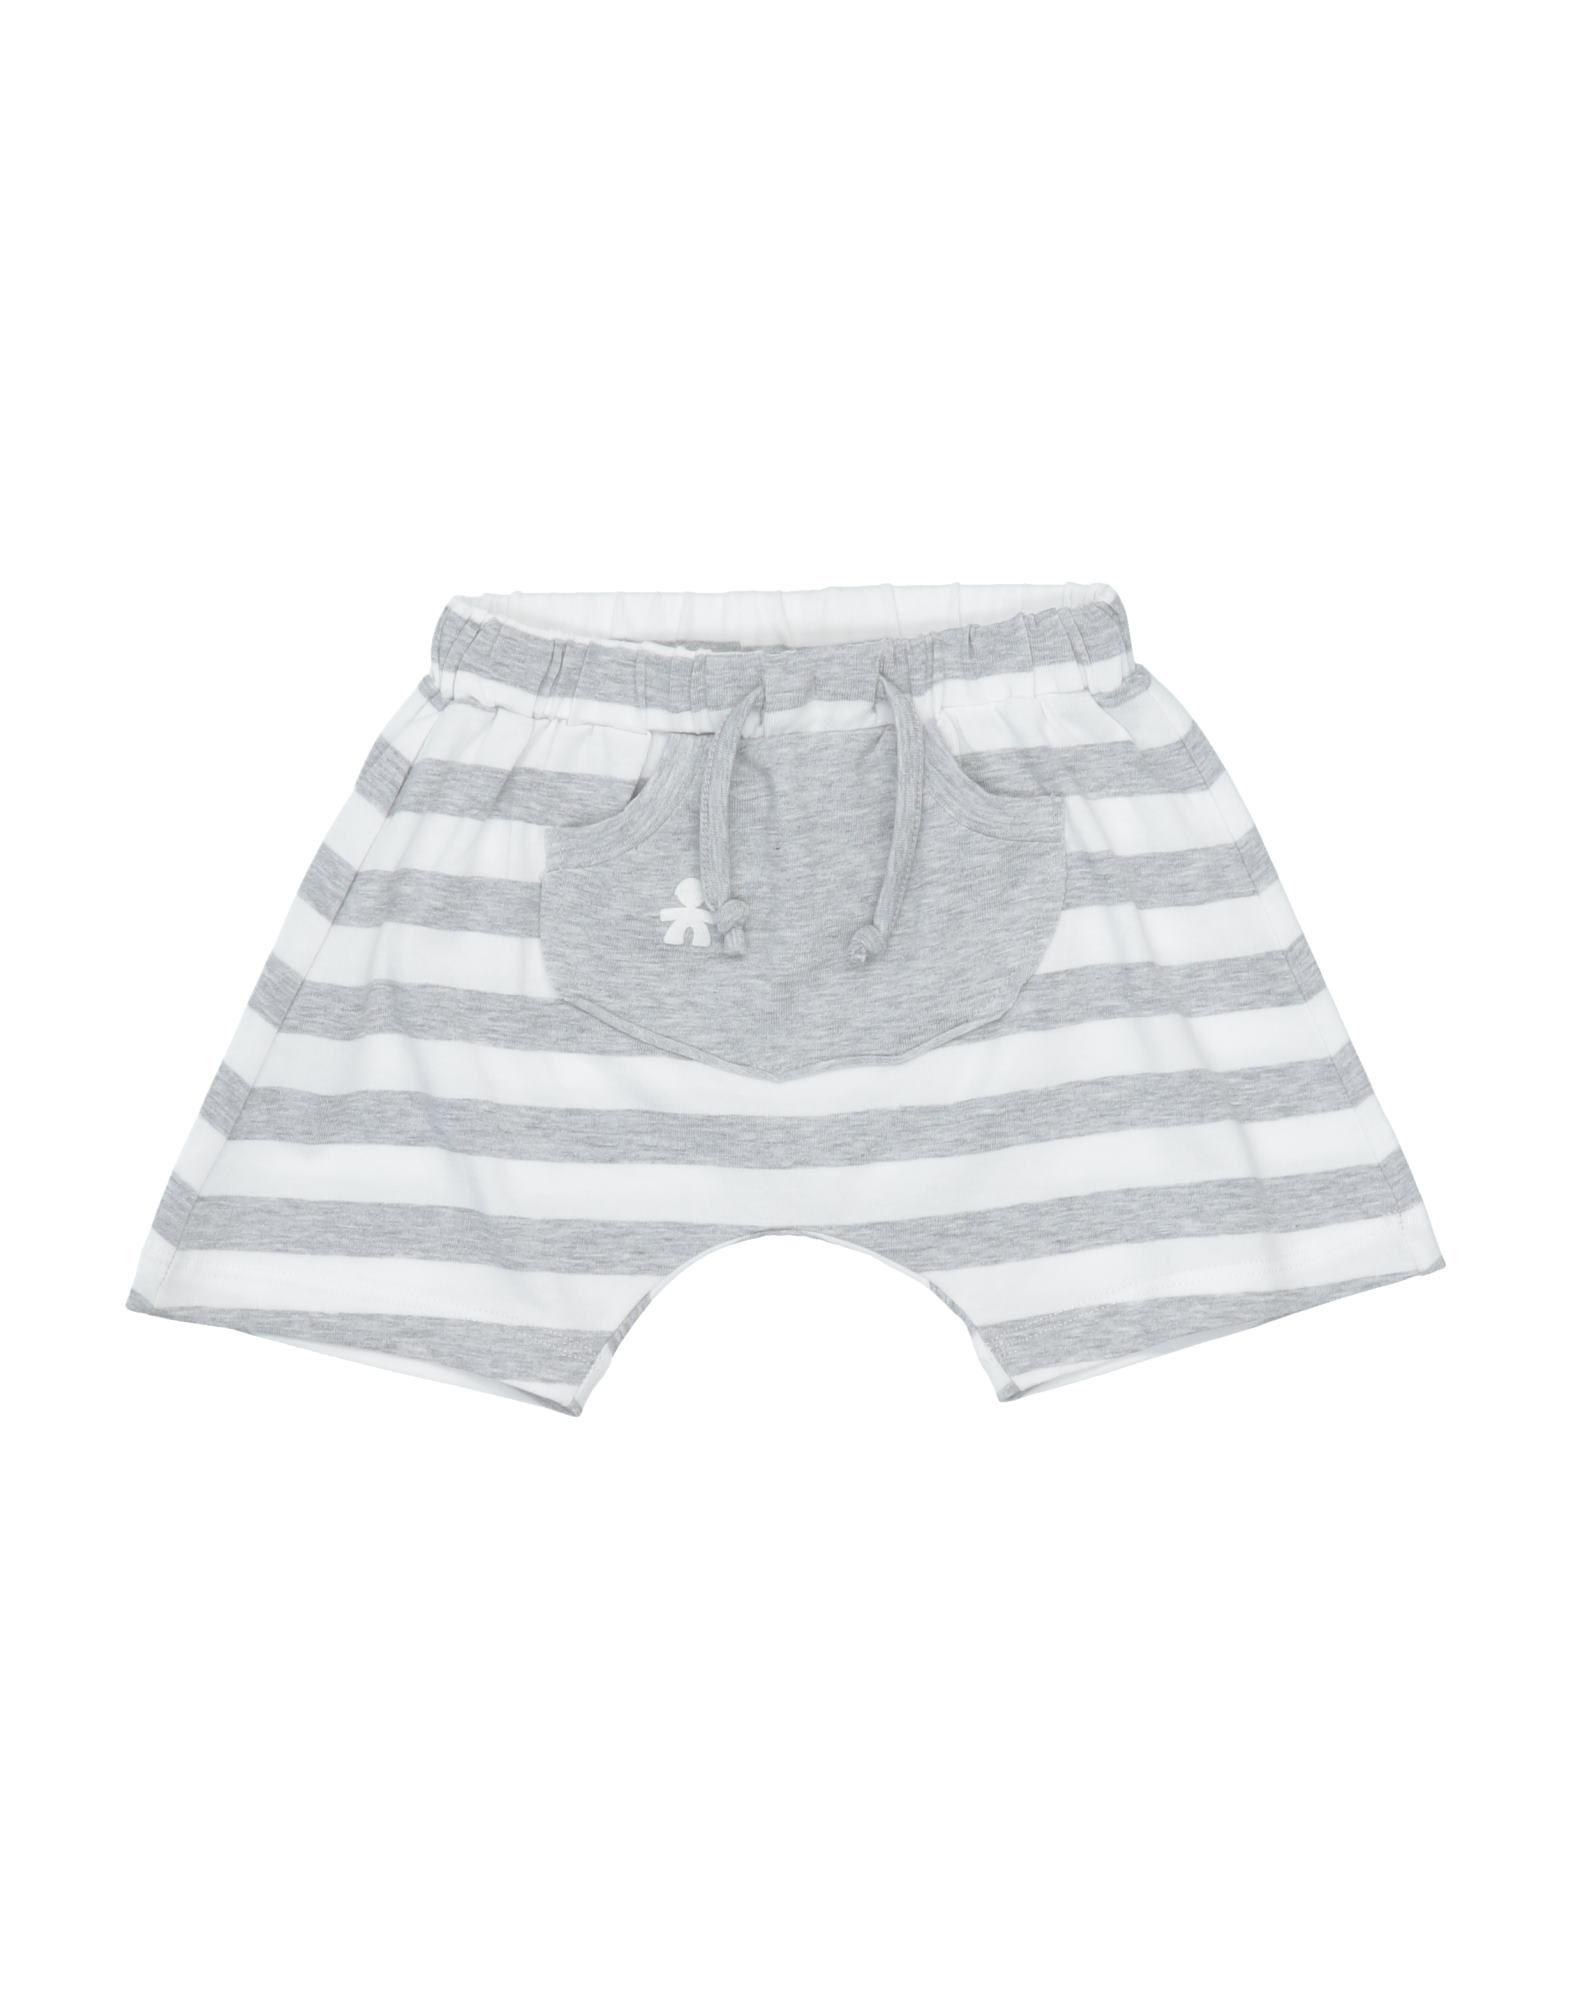 Le Bebé Kids' Bermudas In Gray